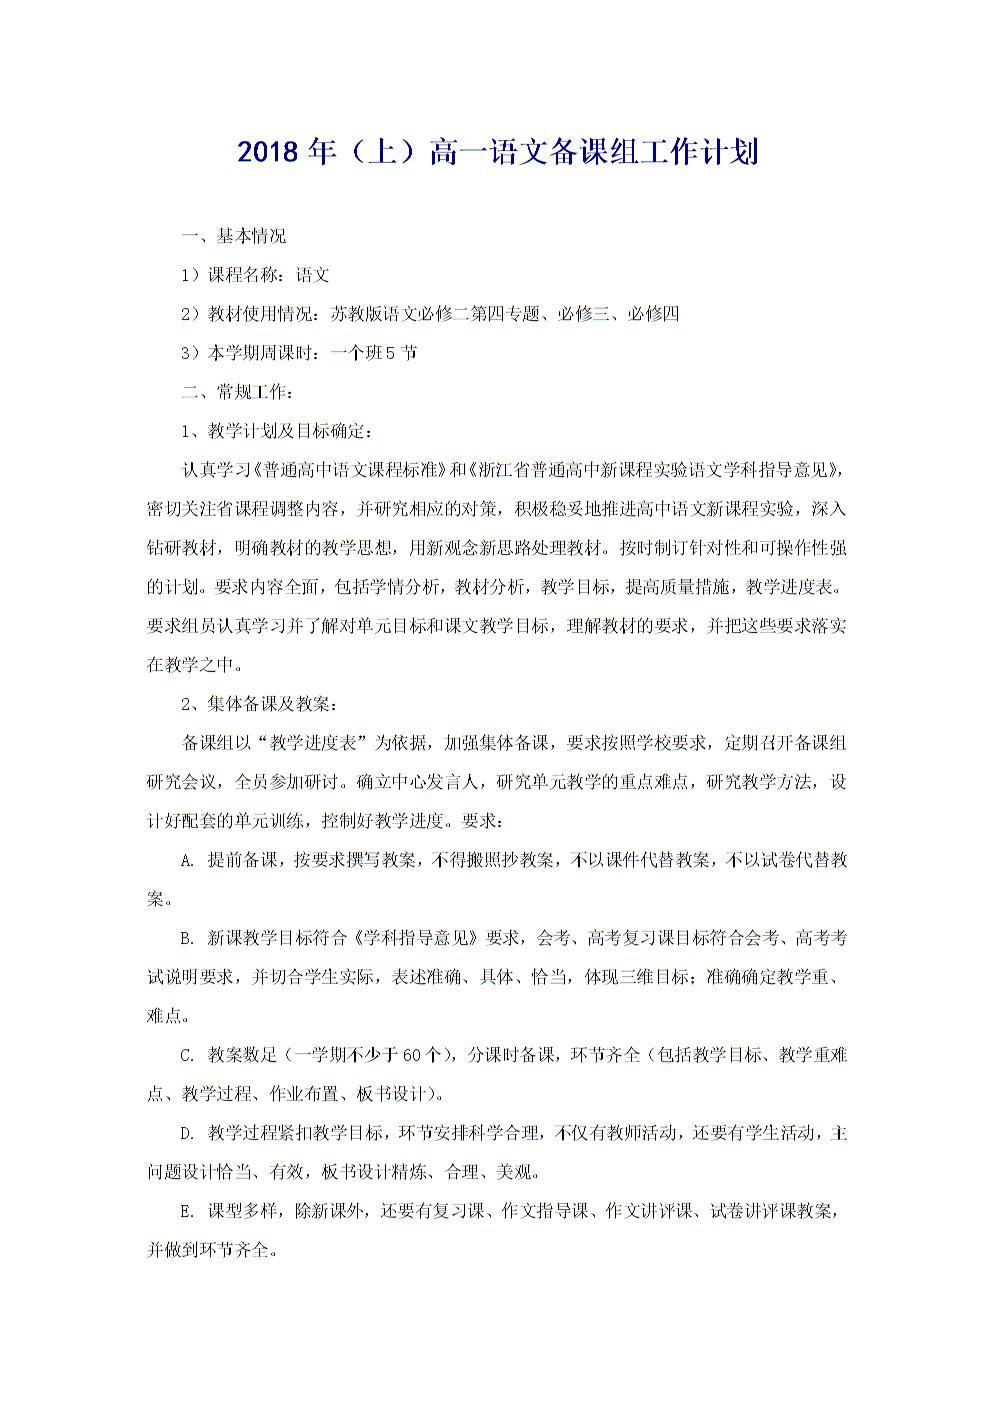 2018年(上)历史语文备课组v历史计划.doc演讲稿爱国高中高一图片